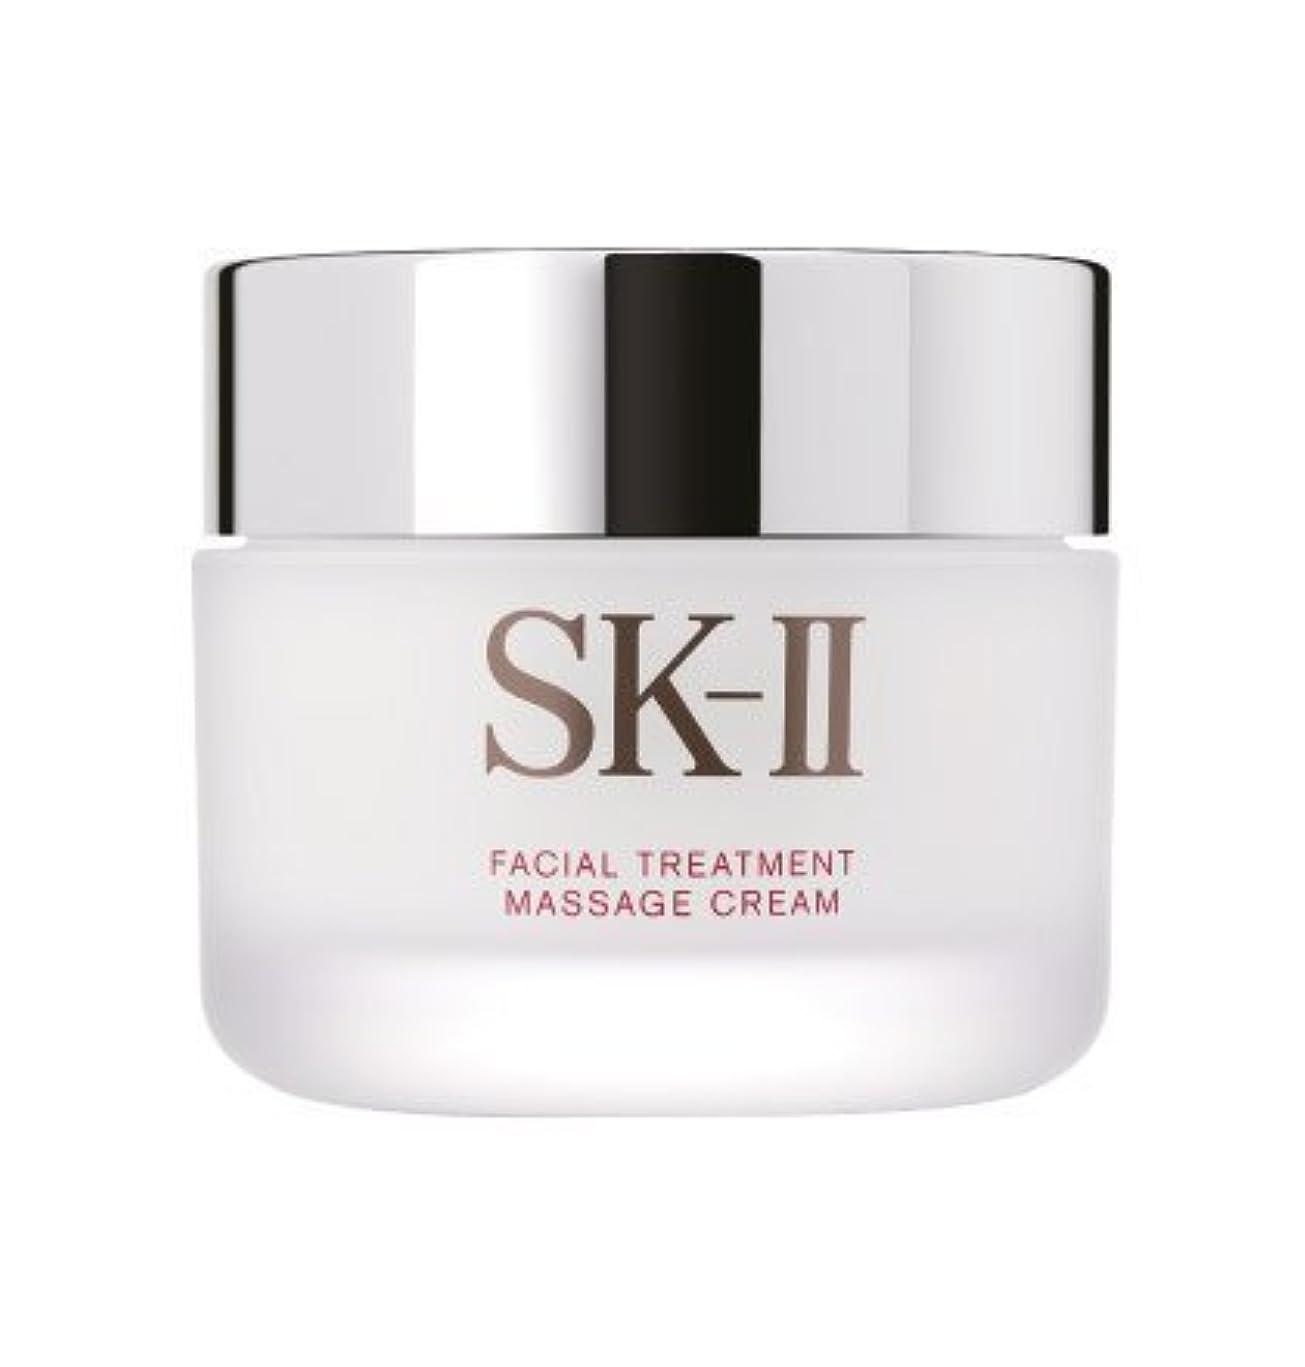 提案する炎上合併SK-II フェイシャル トリートメント マッサージ クリーム 80g SK2 マックスファクター 化粧品 美容 クリーム